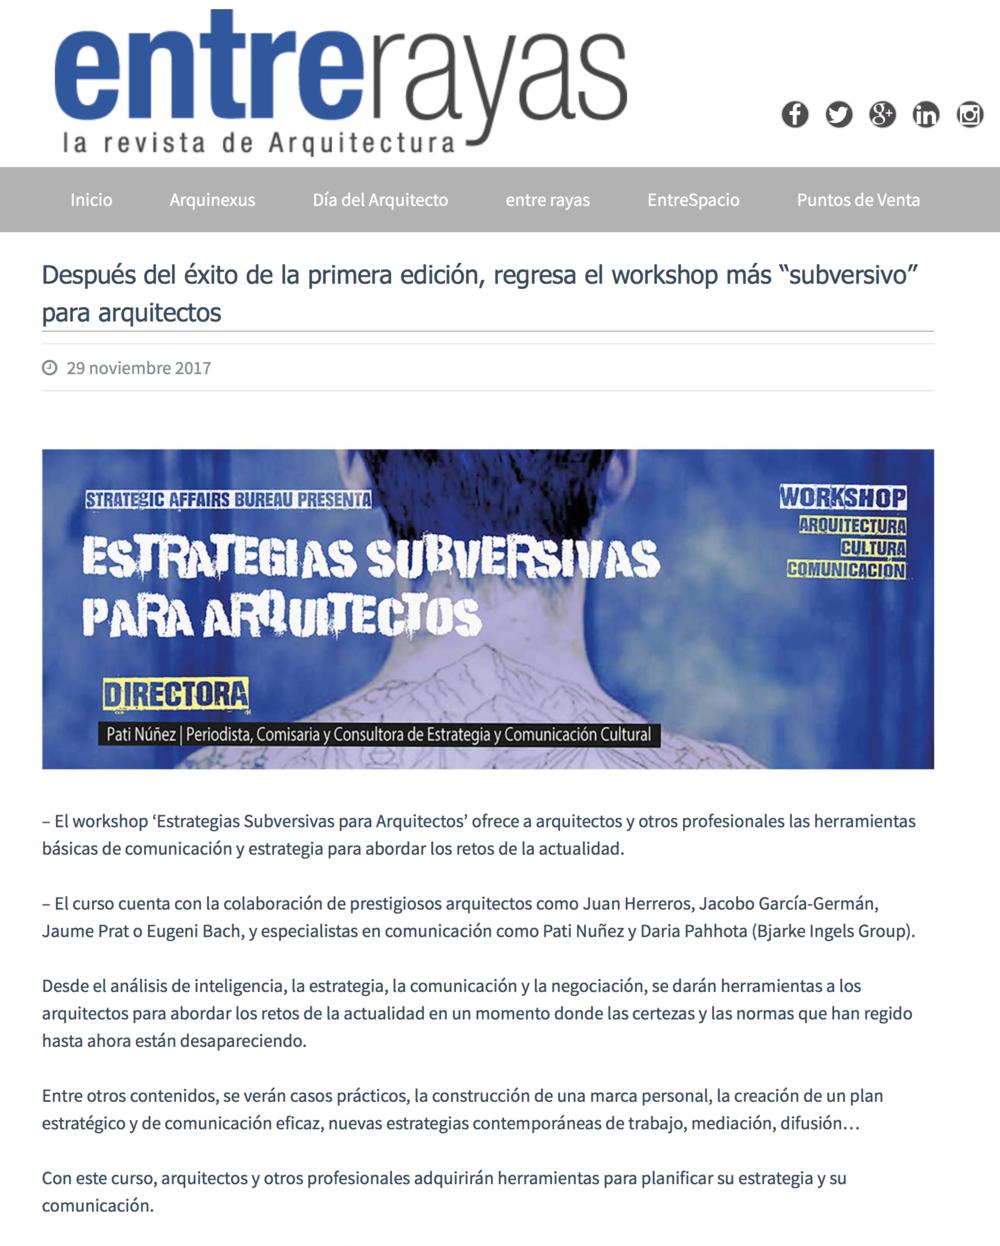 """Después del éxito de la primera edición, regresa el workshop más """"subversivo""""  - ENTRE RAYAS"""